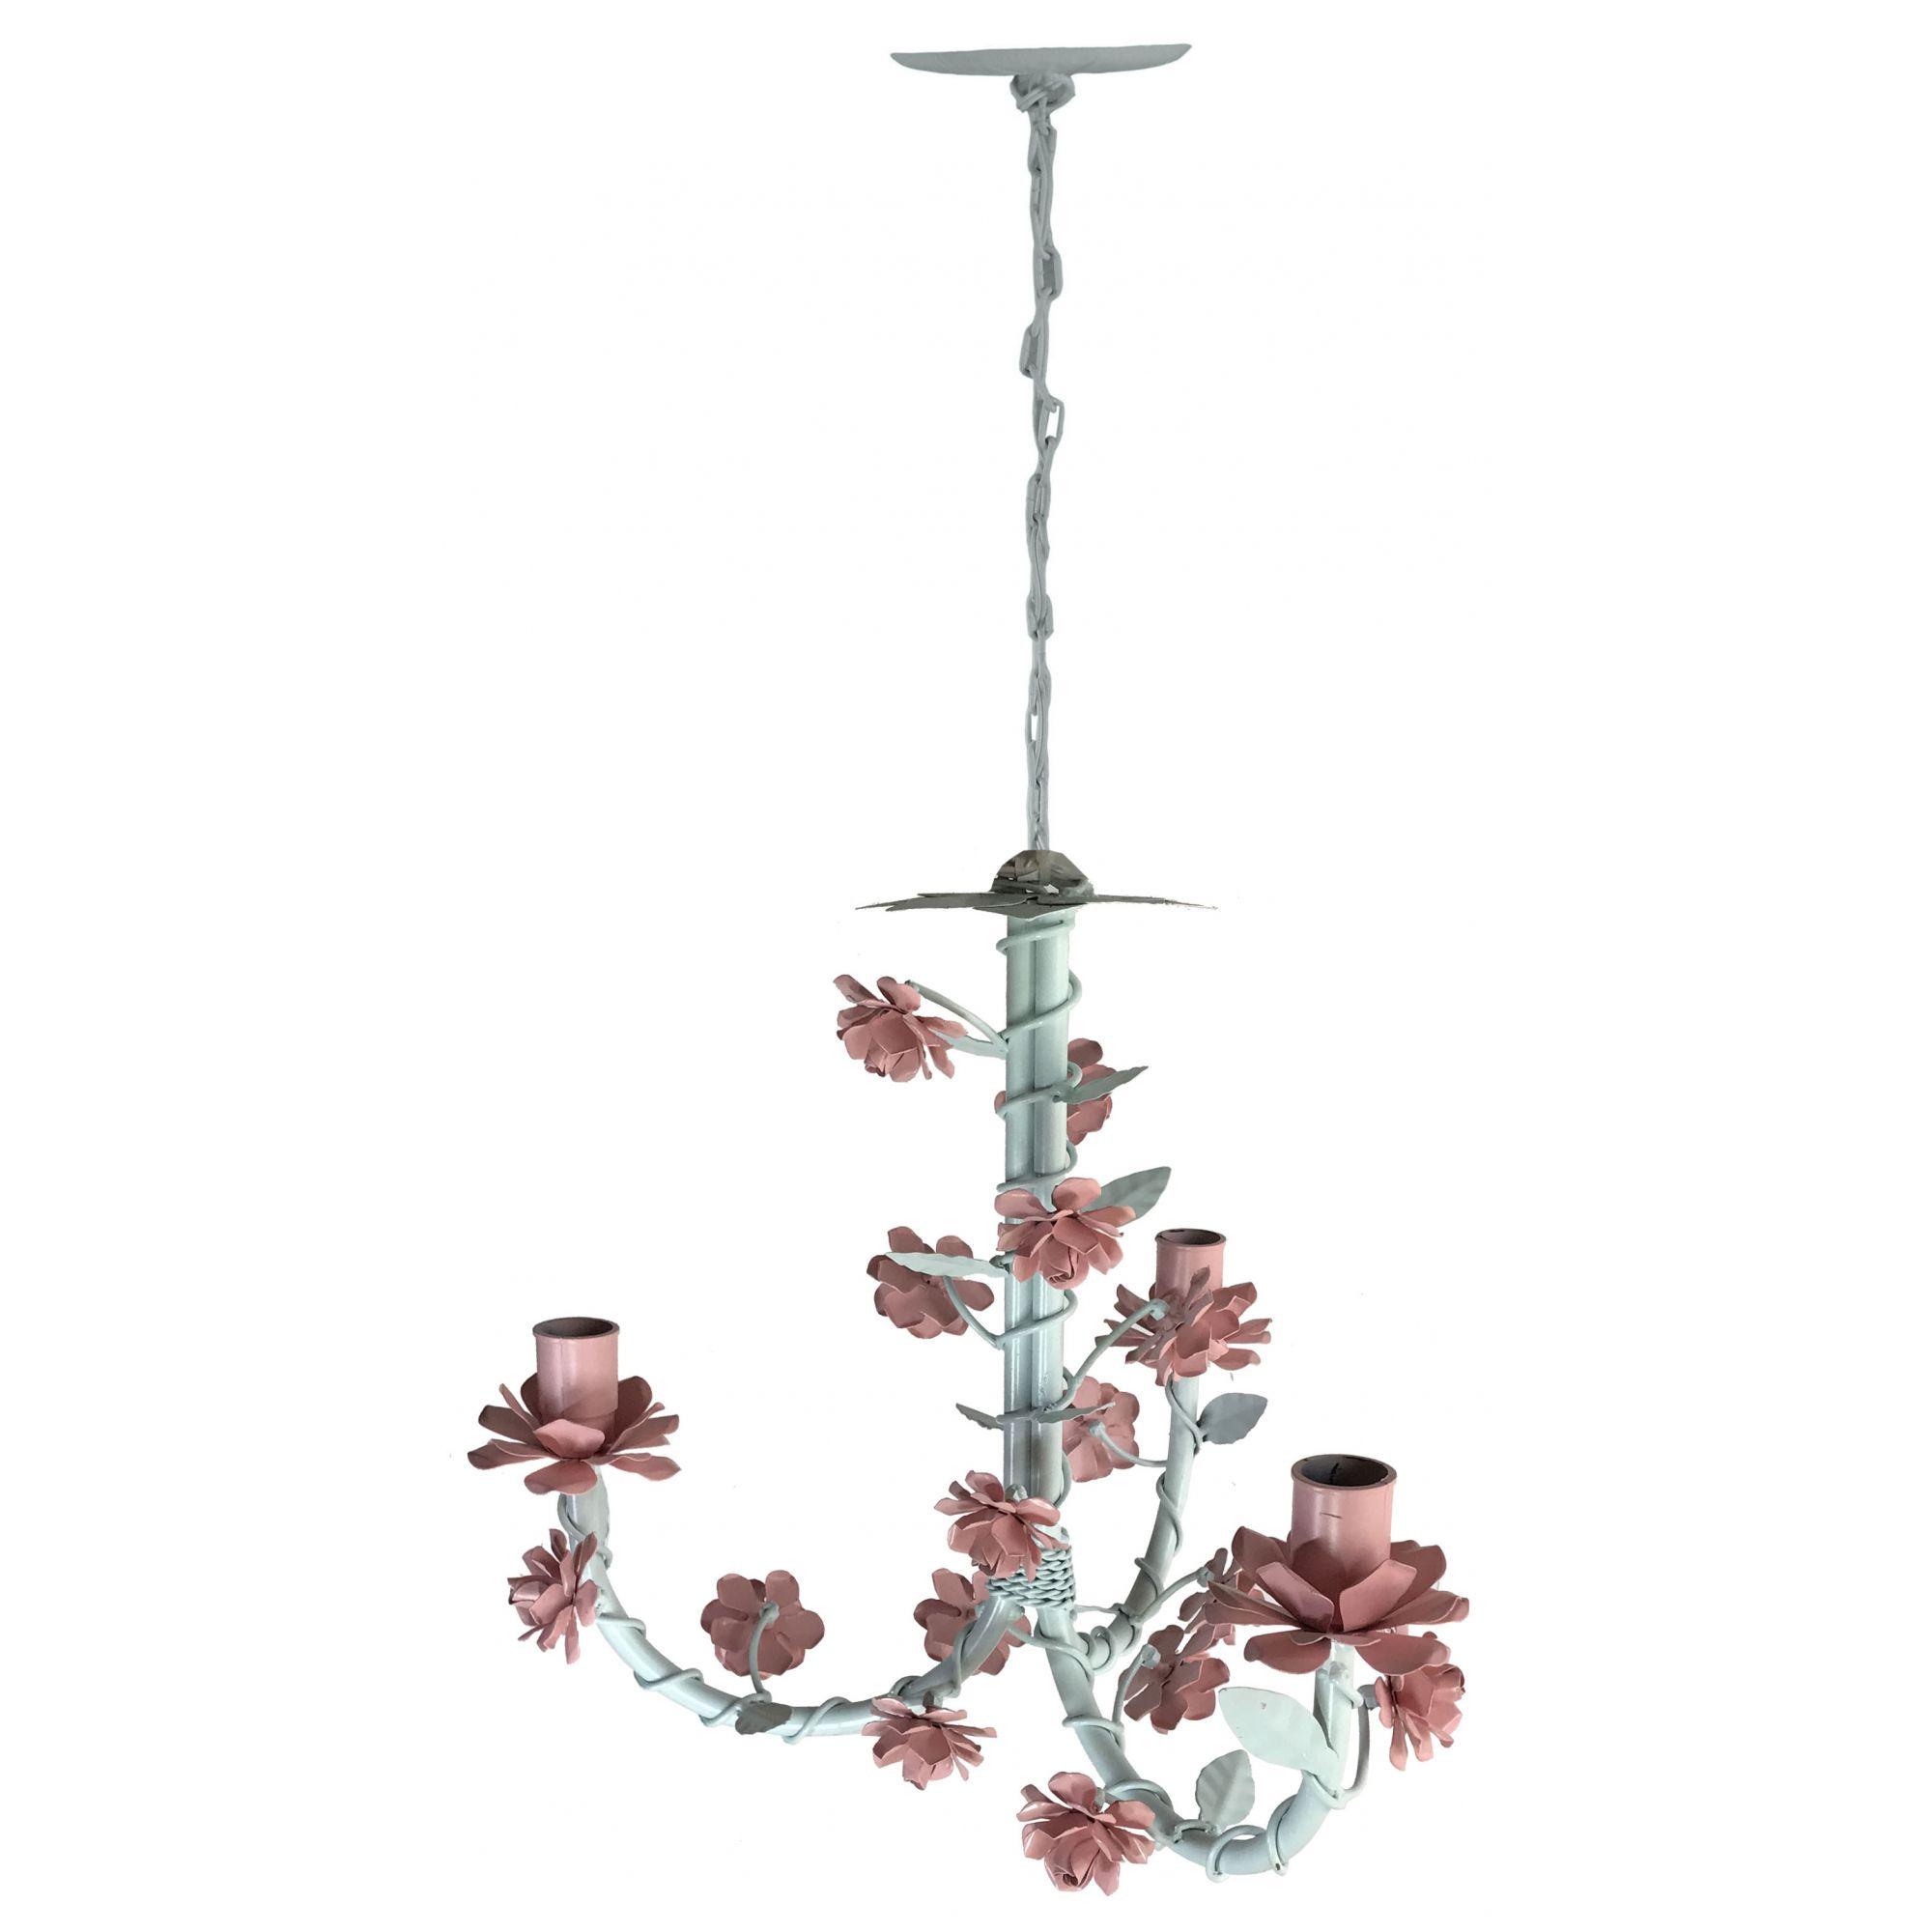 Lustre Simples Decorativo Infantil para Iluminação de Quarto Retro